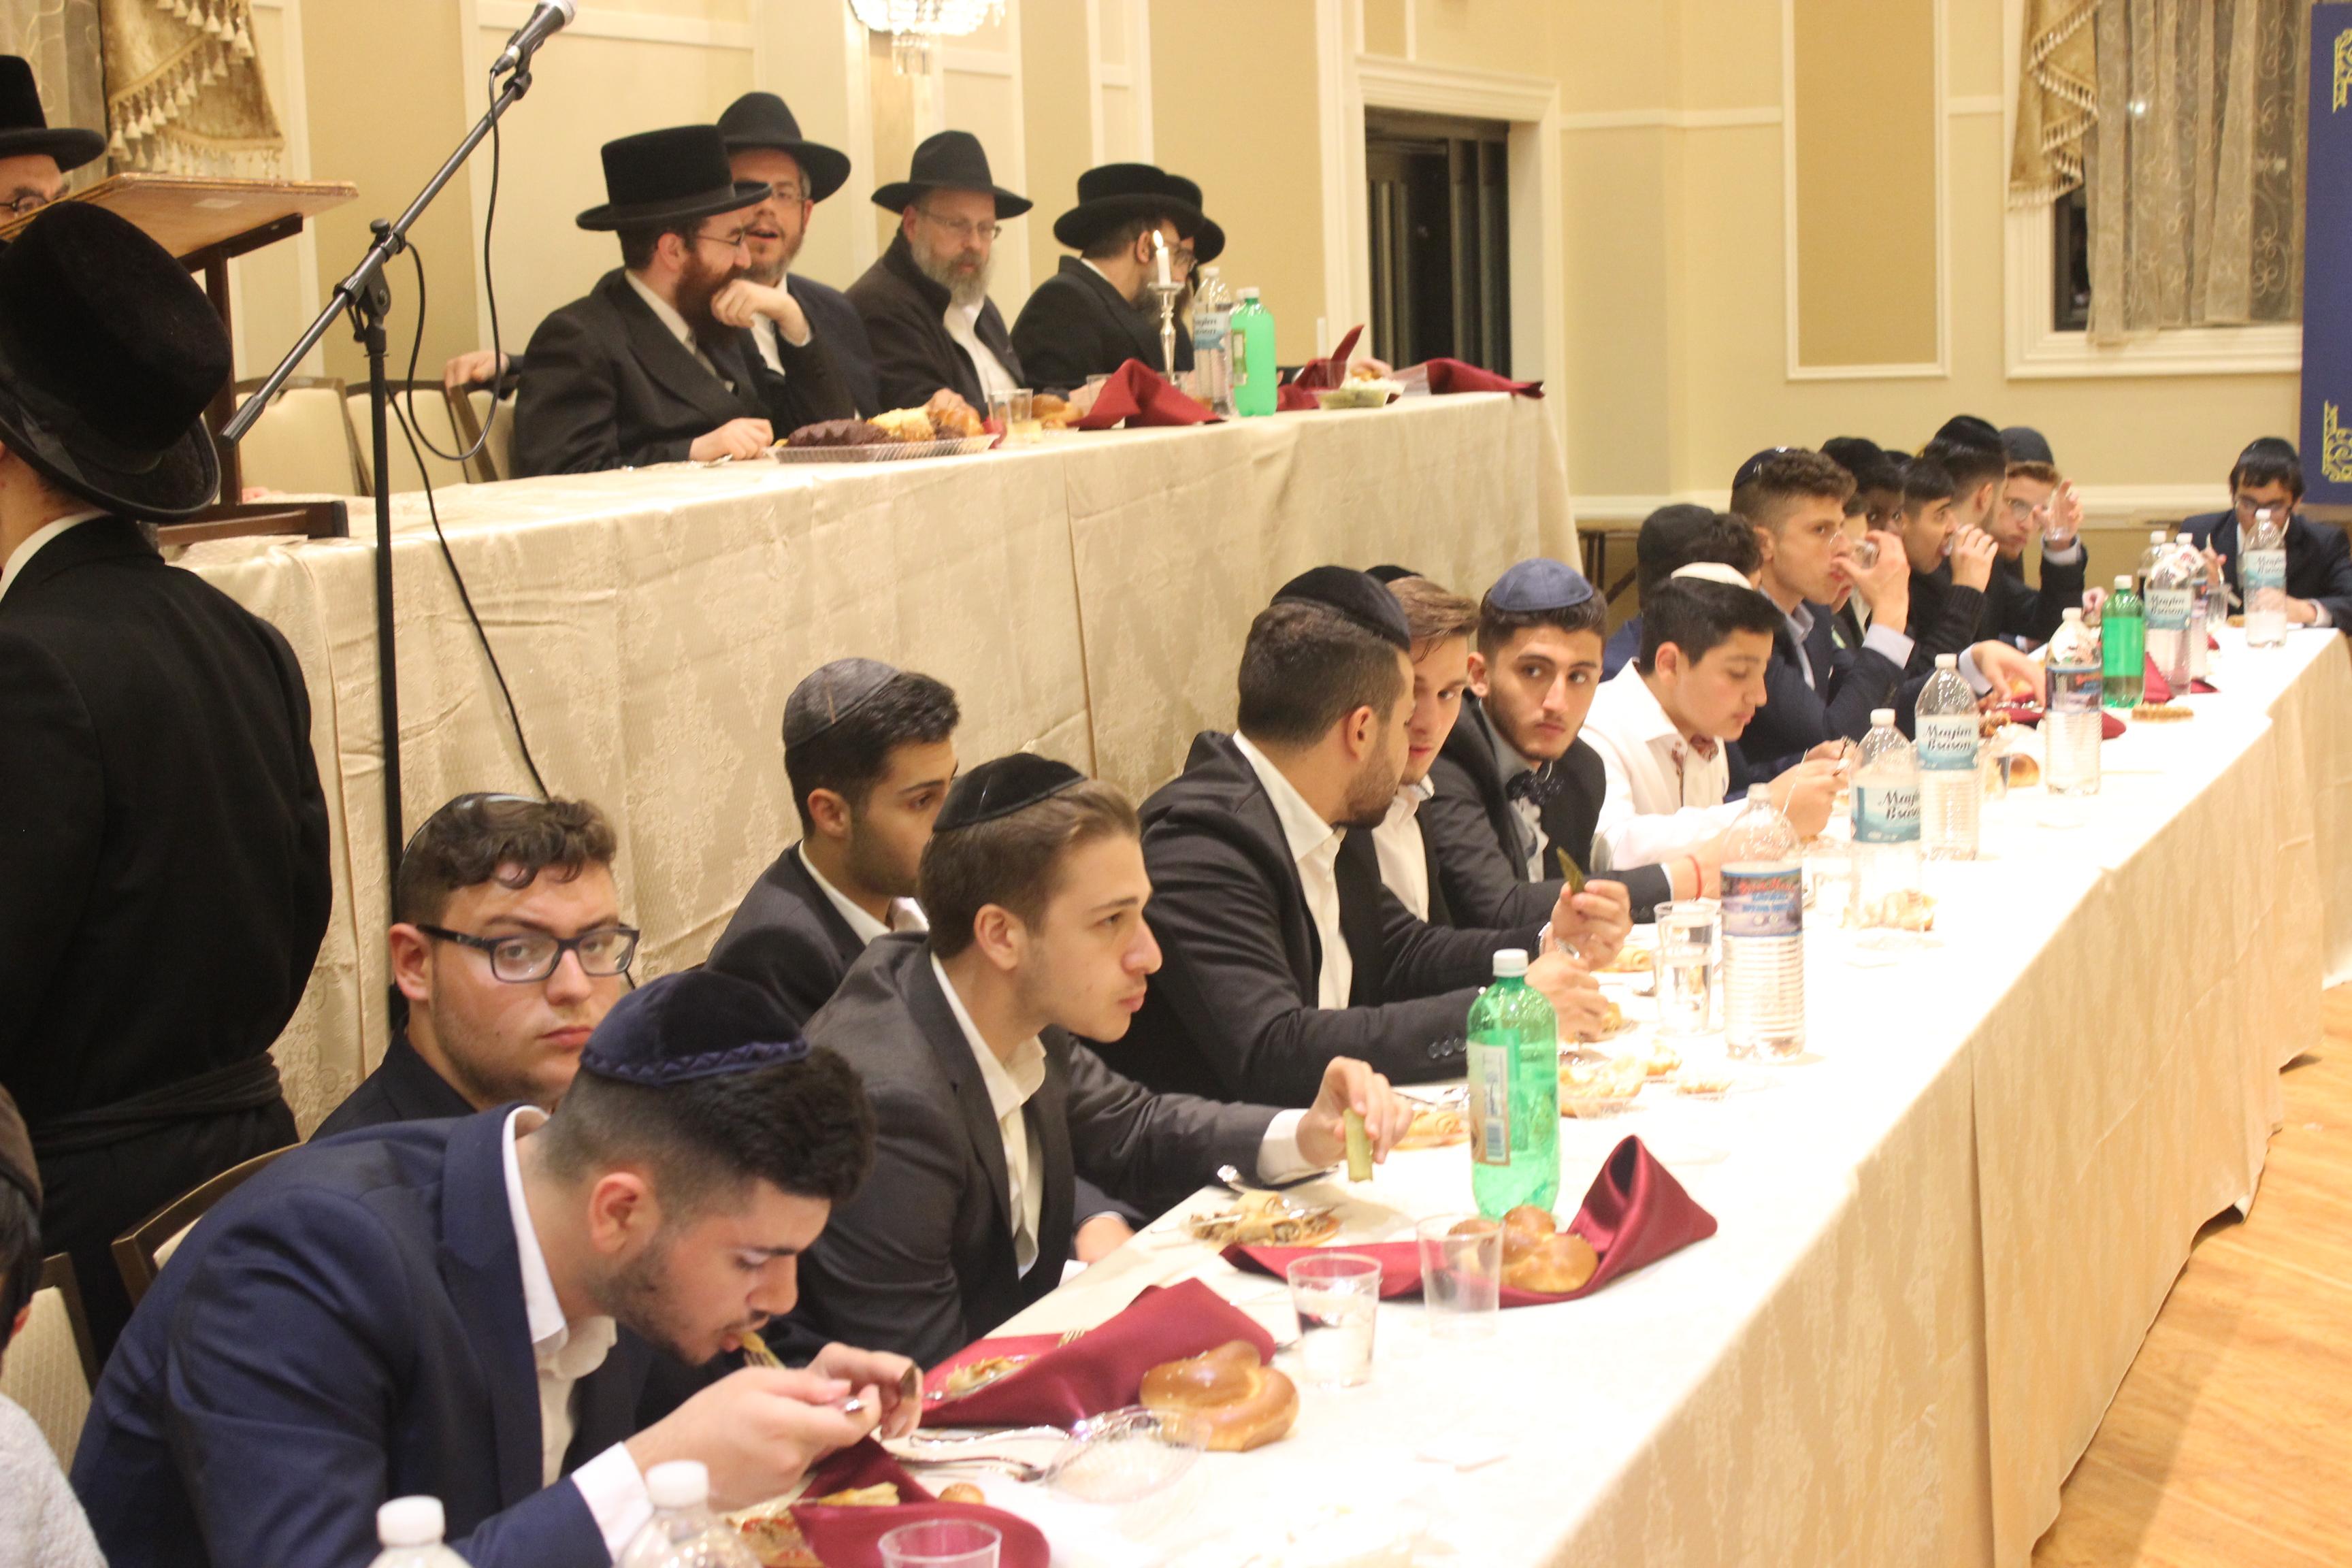 Mesivta Torah V'emunah